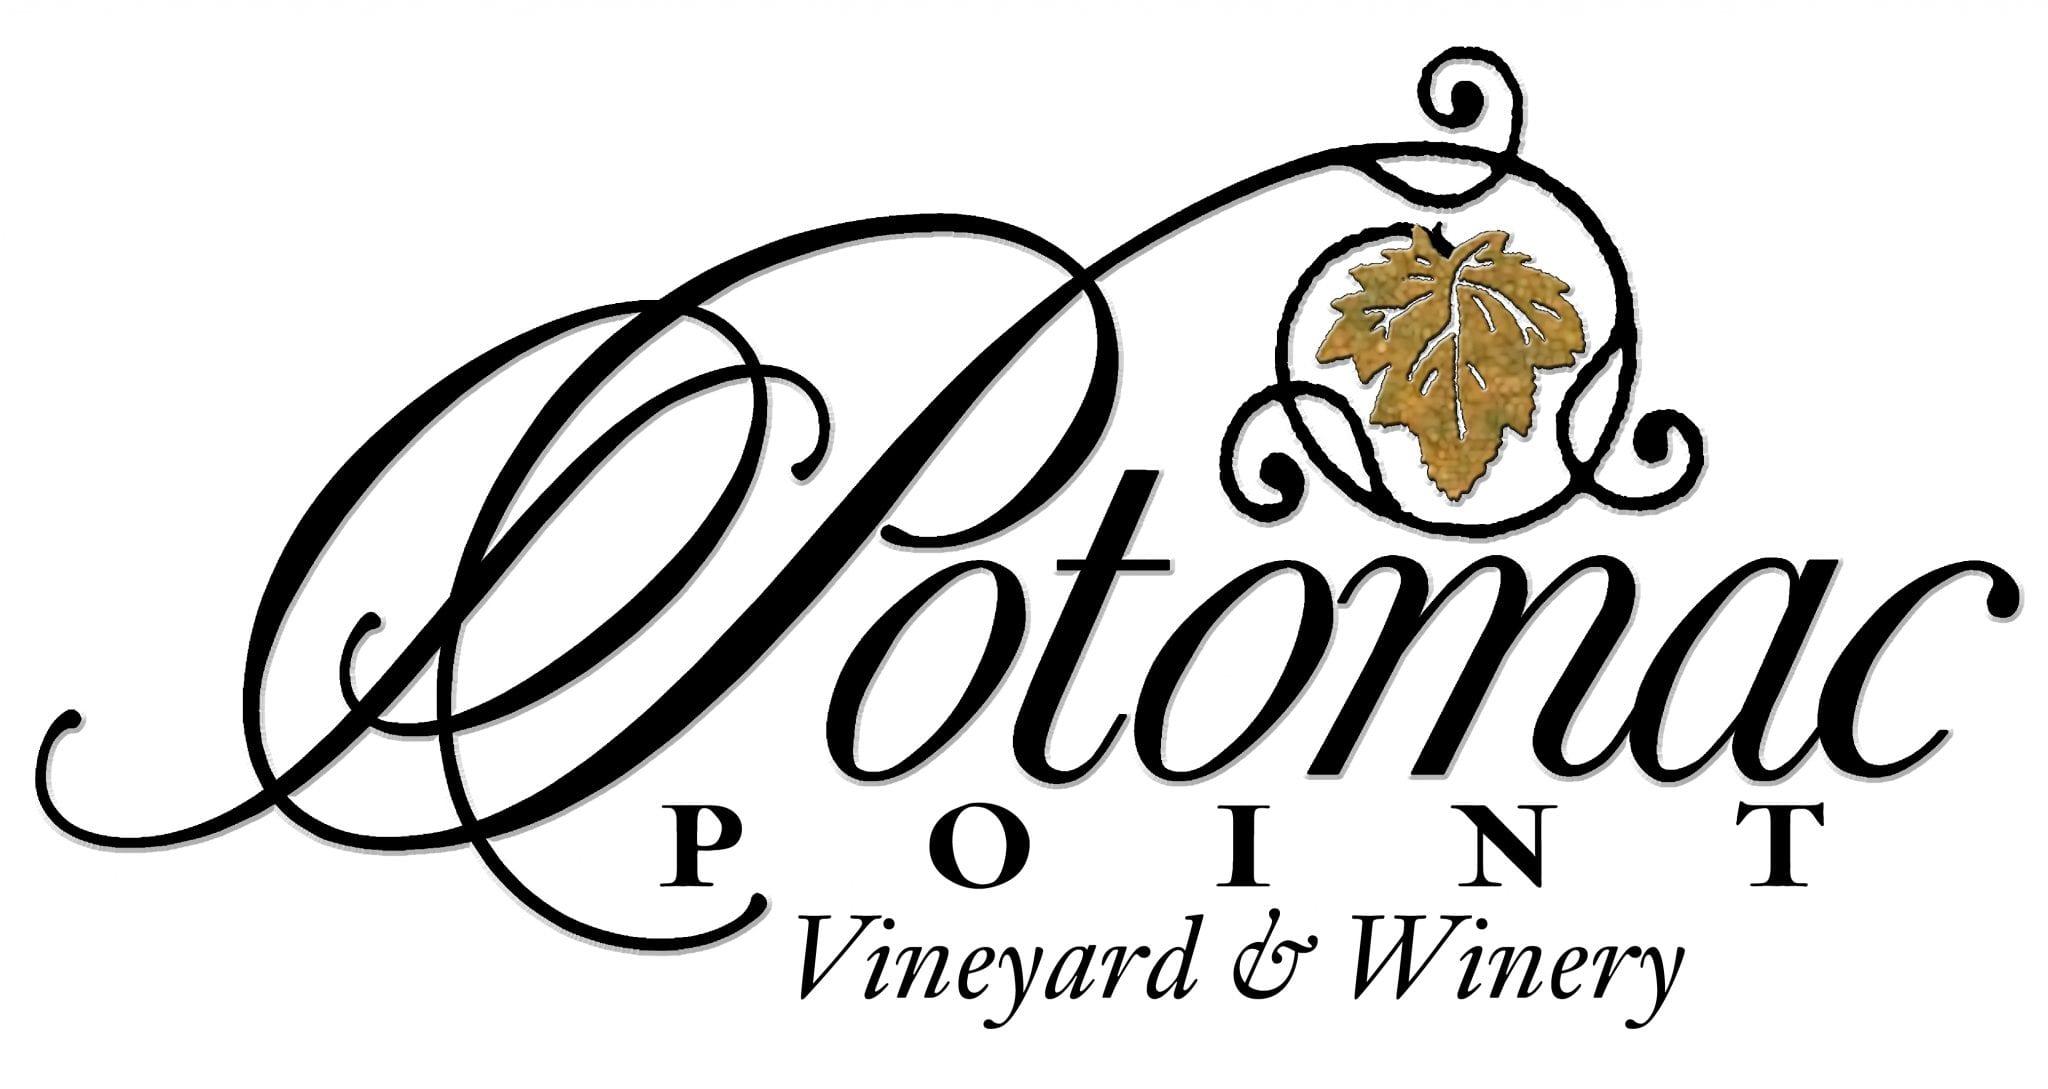 Virginia Wineries And Vineyards